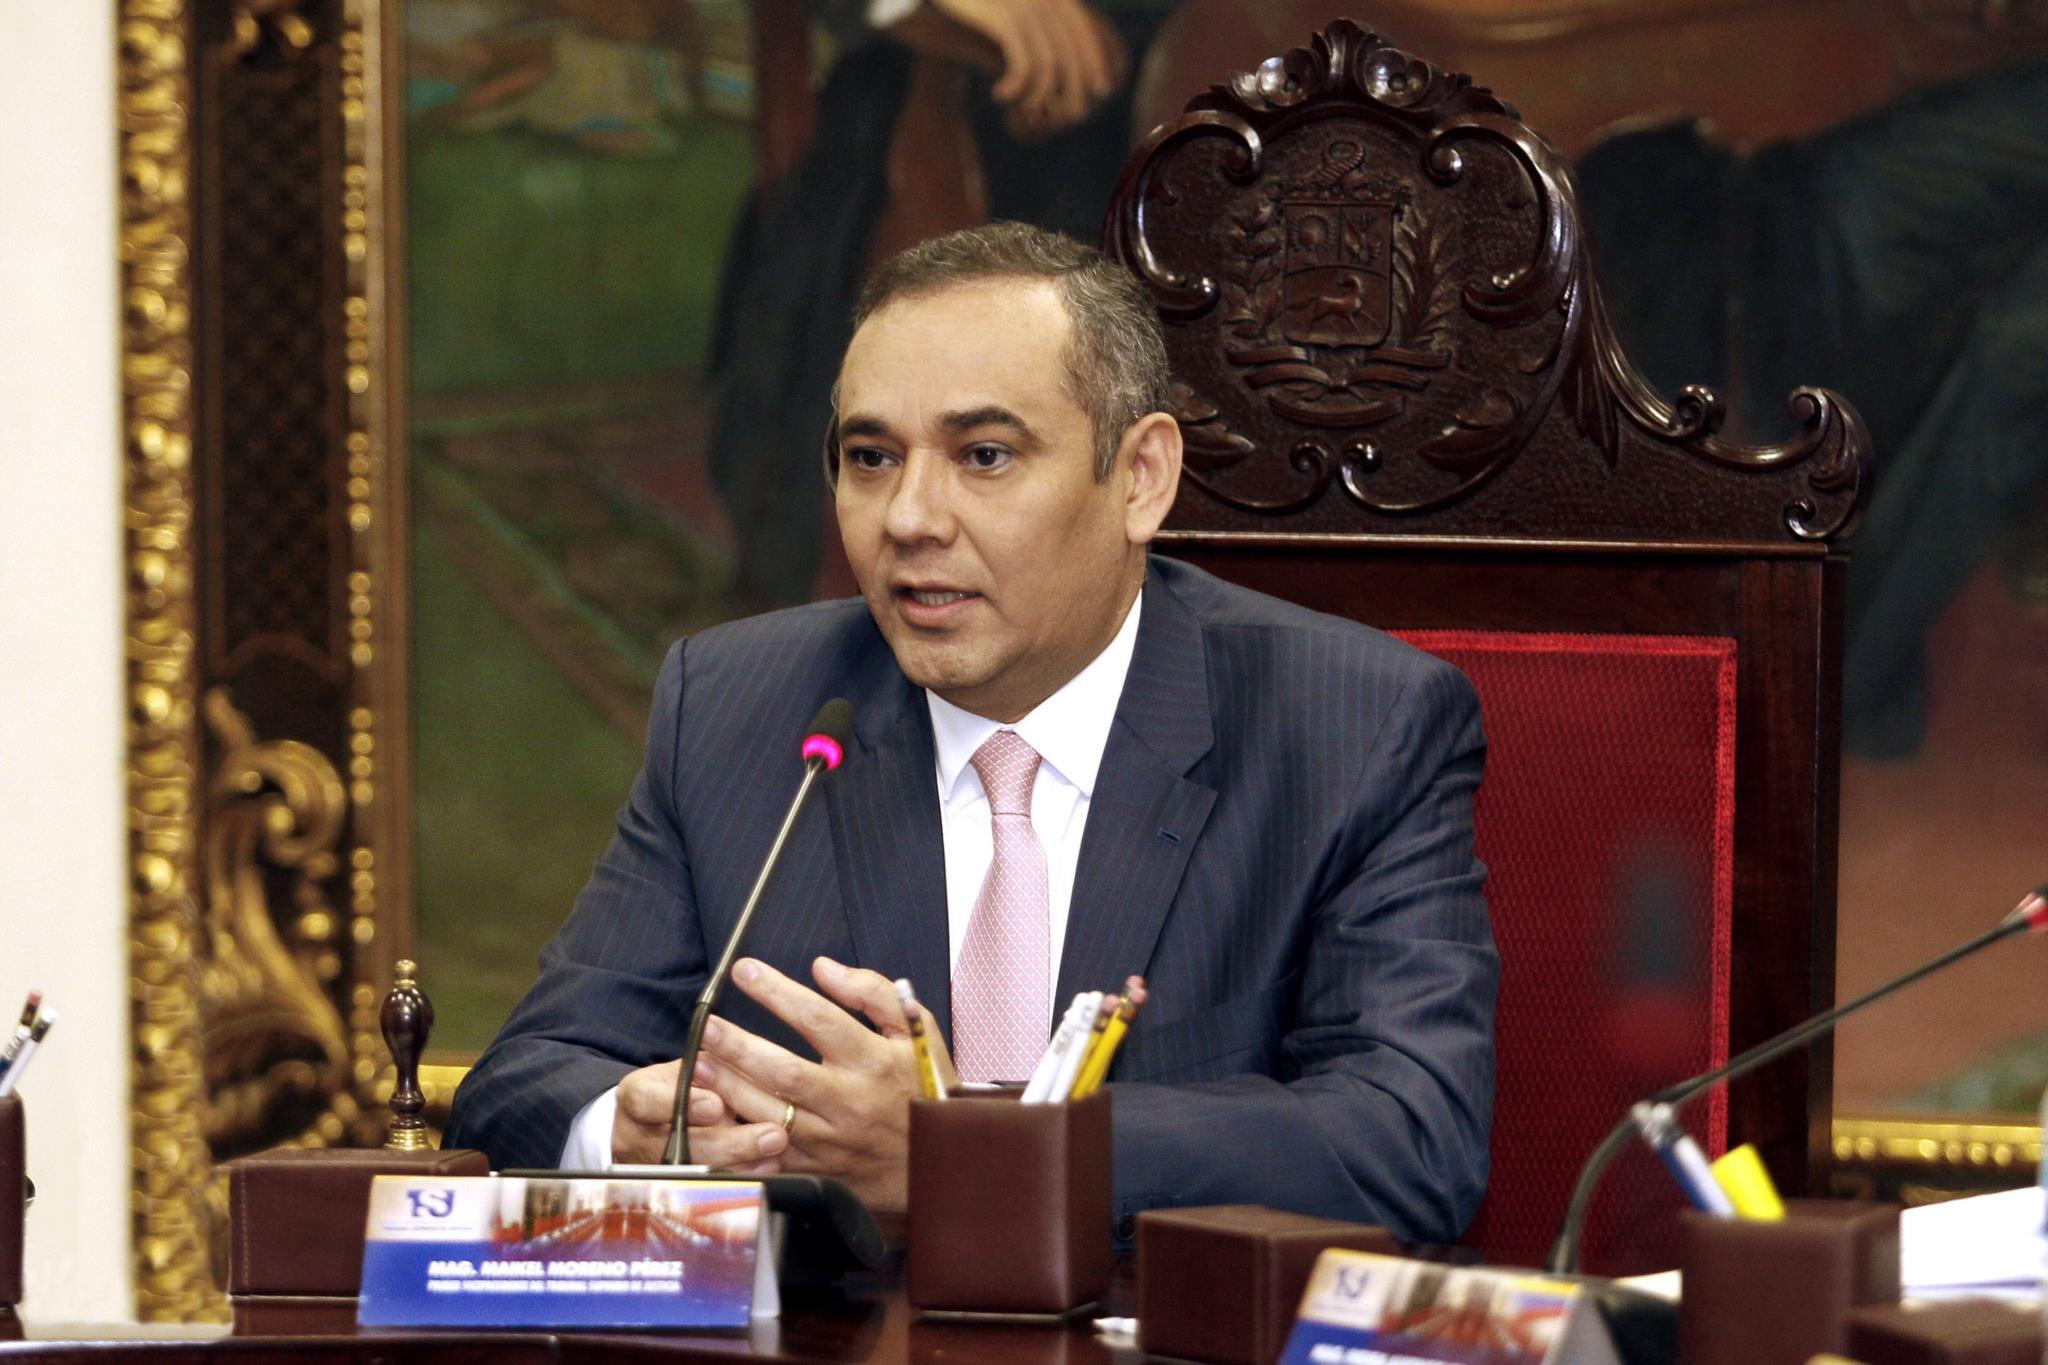 PÚBLICO - Novo presidente do Supremo da Venezuela é um ex-polícia condenado por assassínio